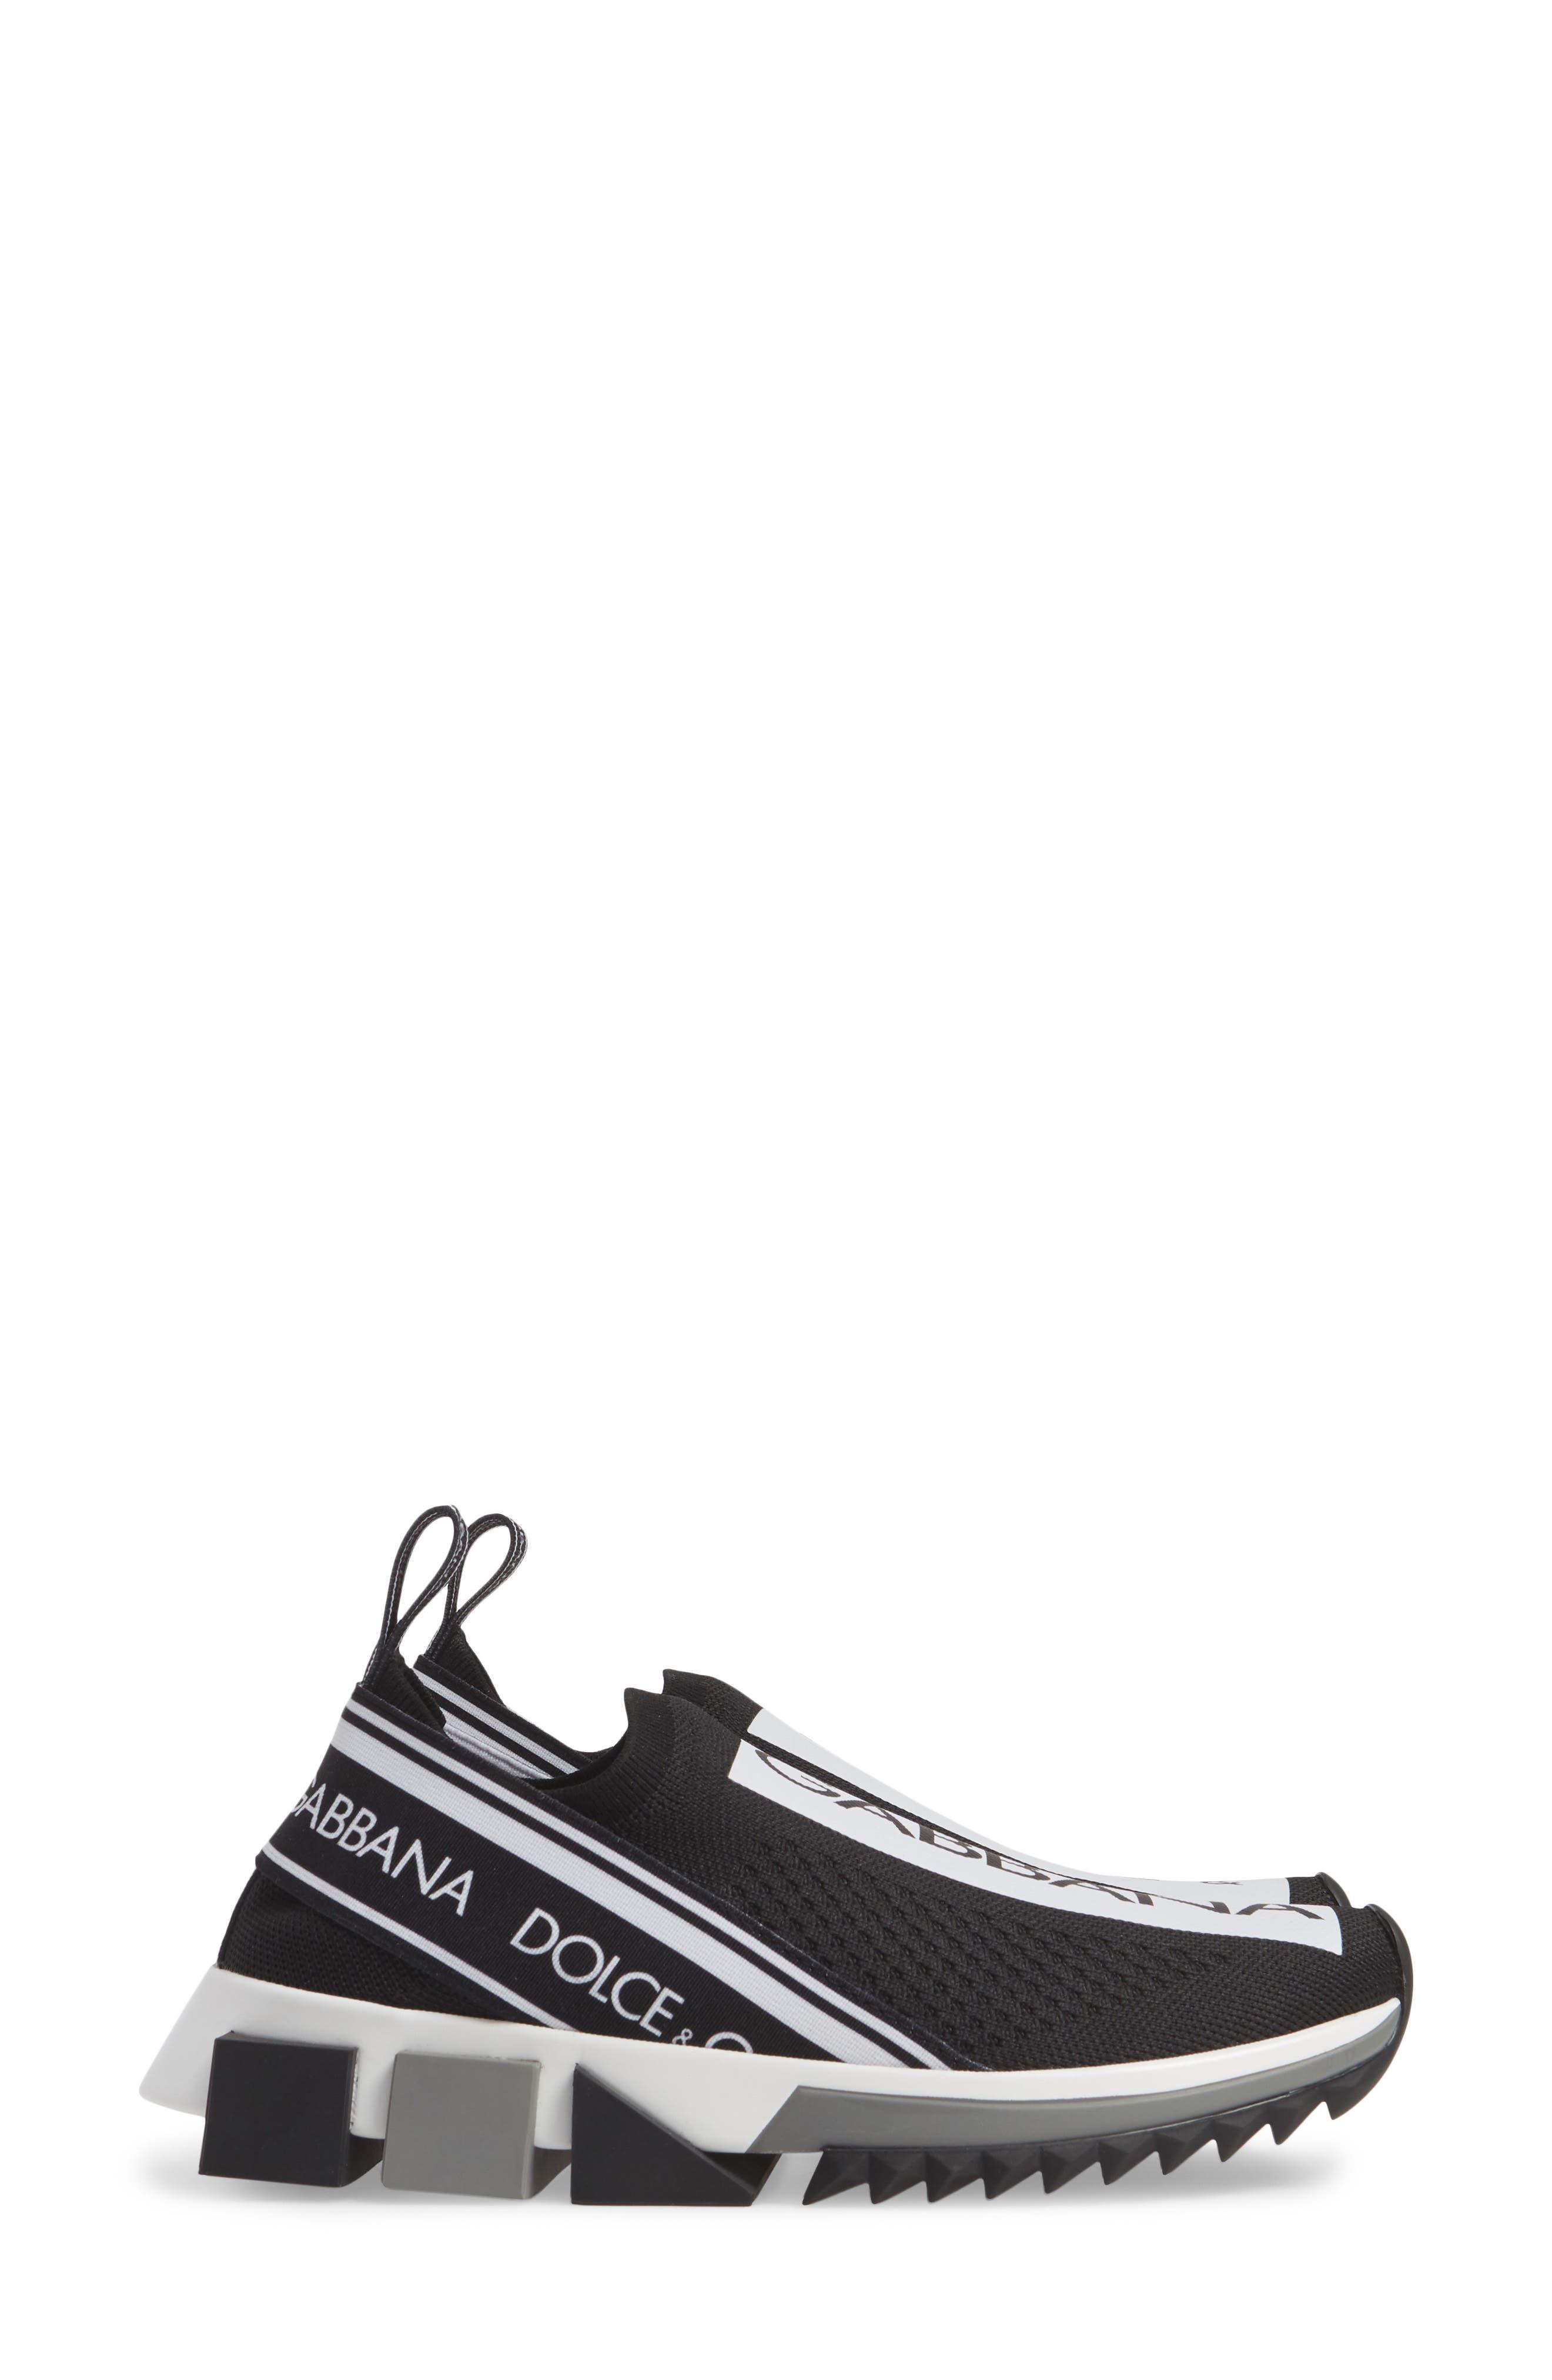 DOLCE&GABBANA, Sorrento Logo Slip-On Sneaker, Alternate thumbnail 4, color, 002